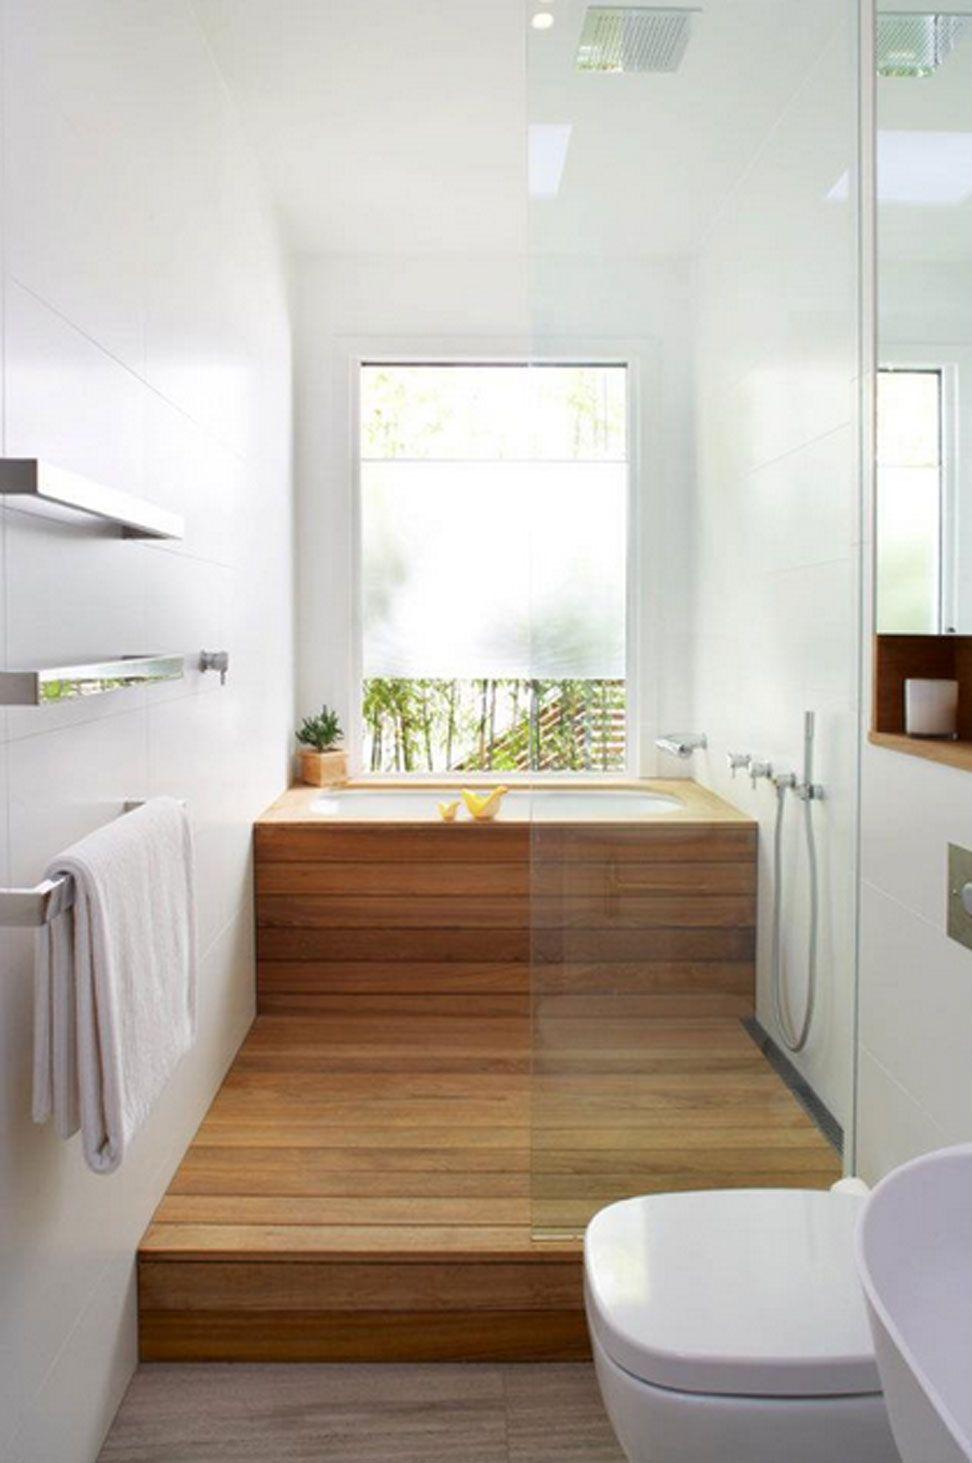 ...   Wählen Sie Gestaltung Mit Weiß Mauer Plus Aus Holz Stock Dann Aus Holz Fram Badewanne In Vorne Der Fenster Mit Weiß Schattierungen  Idee (972×1463)